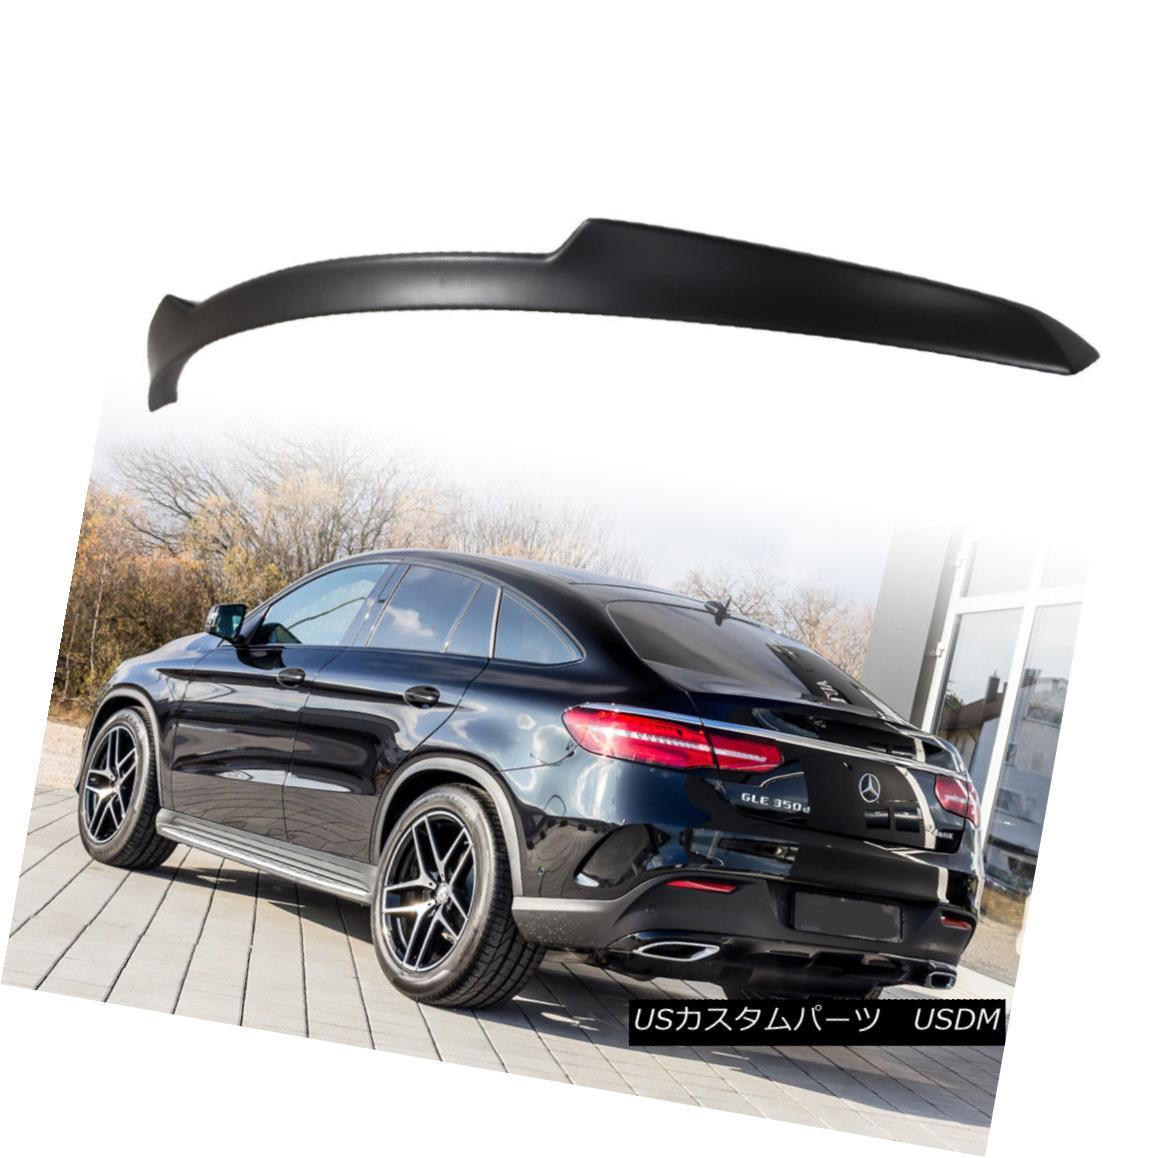 エアロパーツ For Mercedes BENZ GLE C292 Coupe Sport V Rear Trunk Spoiler Paint Color 15-18 メルセデスベンツGLE C292クーペスポーツVリアトランクスポイラーペイントカラー15-18